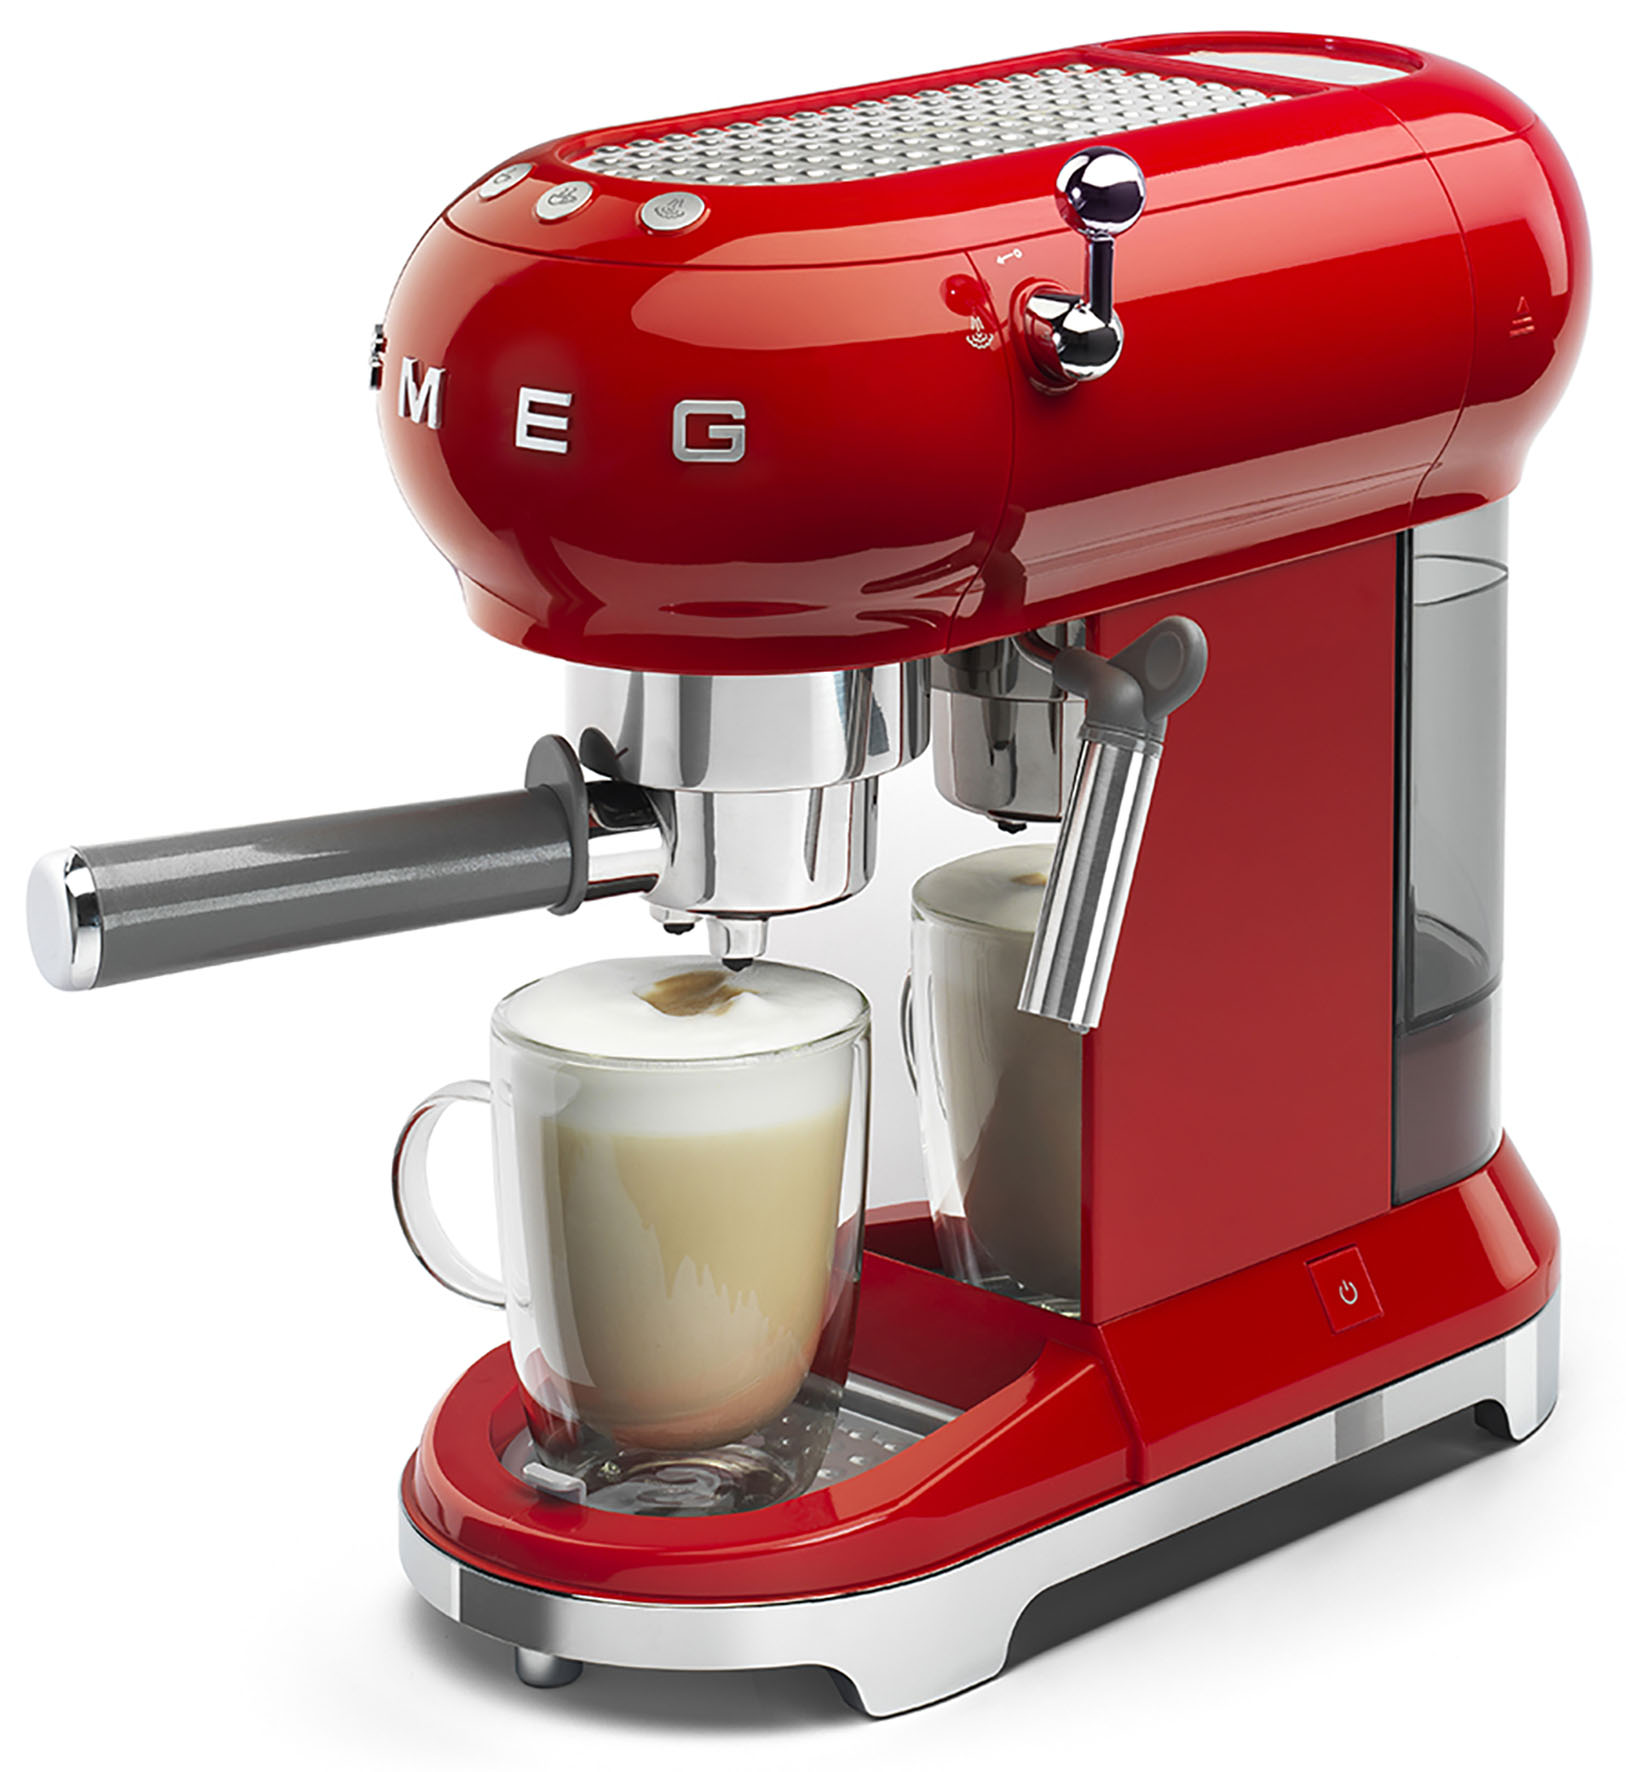 MACCHINA CAFFE  SMEG ROSSA